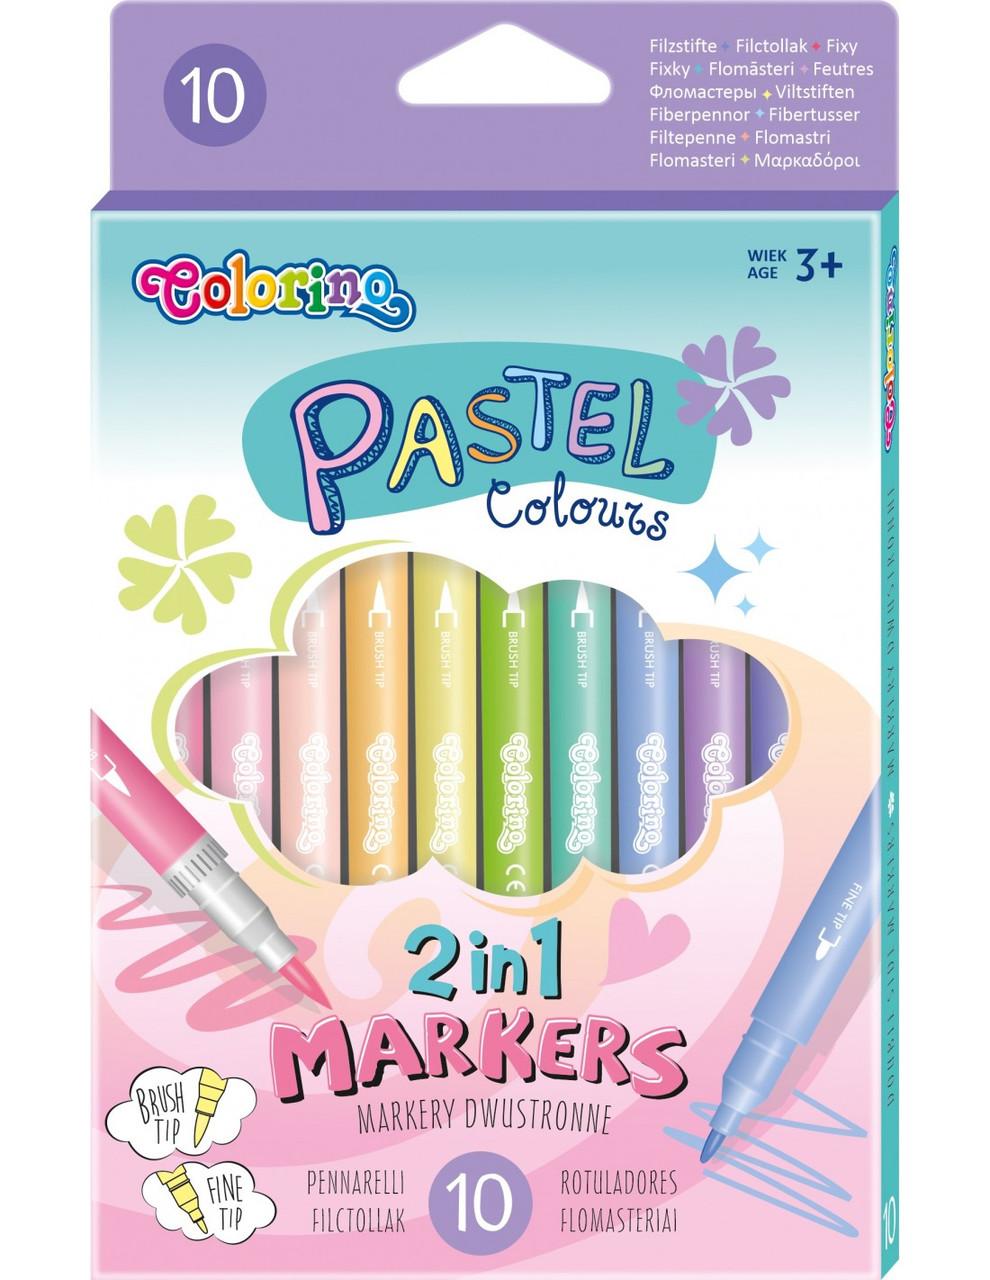 Фломастеры двухсторонние , два вида толщины линии  (4 мм и 0,7 мм), 10 пастельных цветов, Colorino